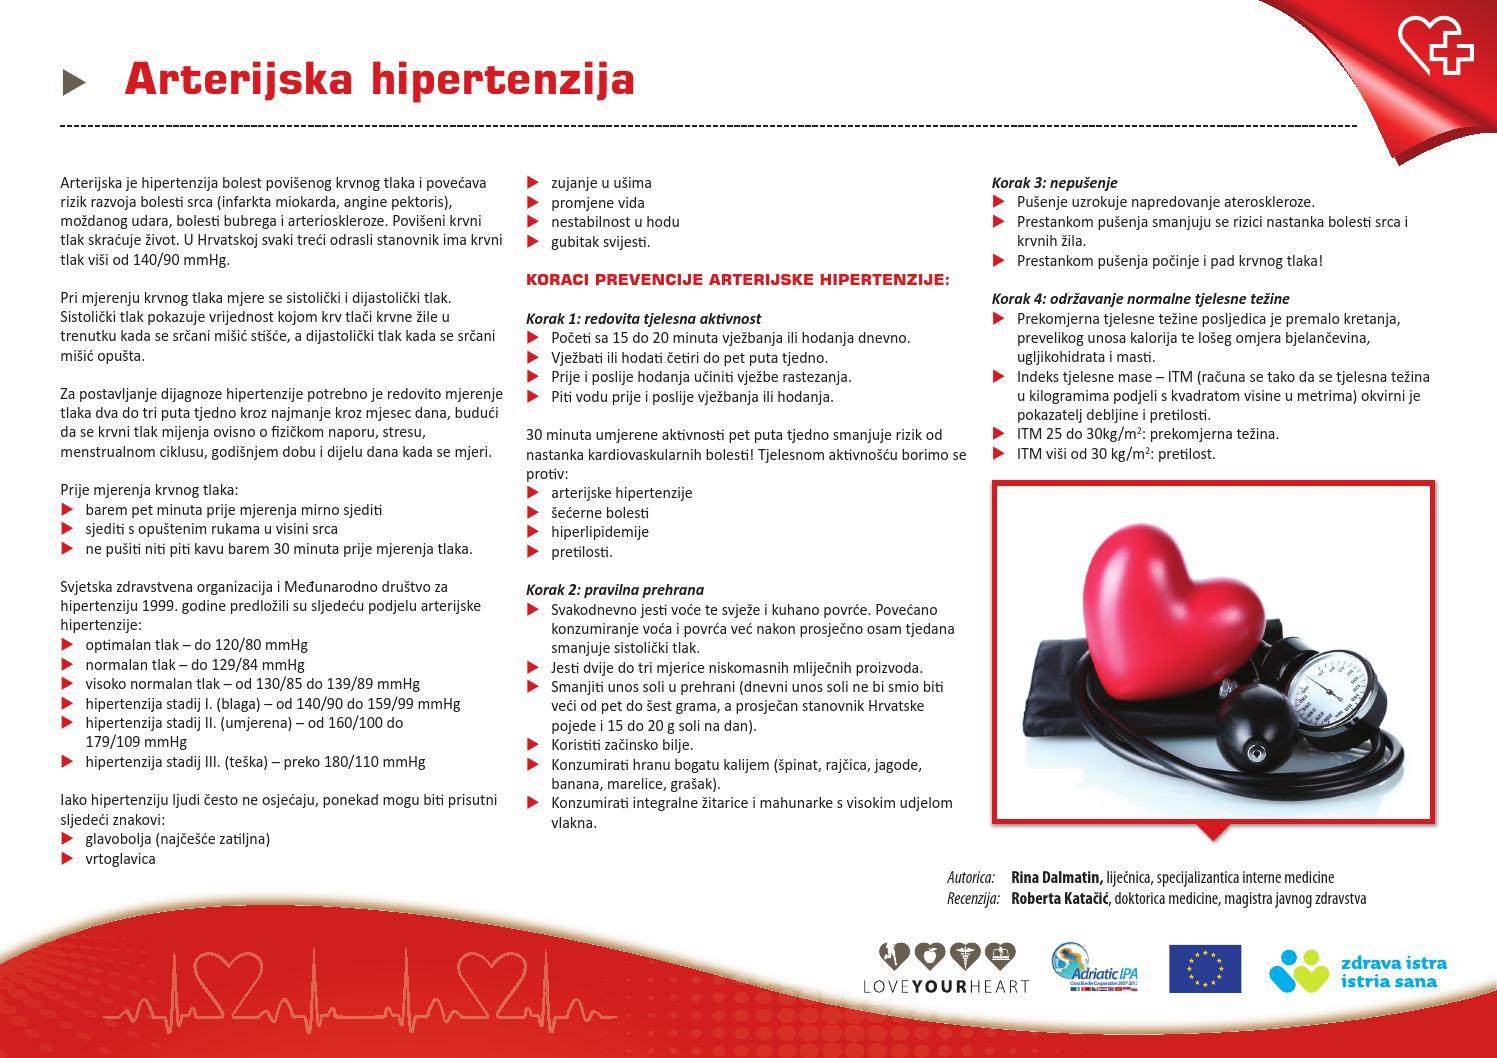 hipertenzija je stupanj 3. ono meso u hipertenziji